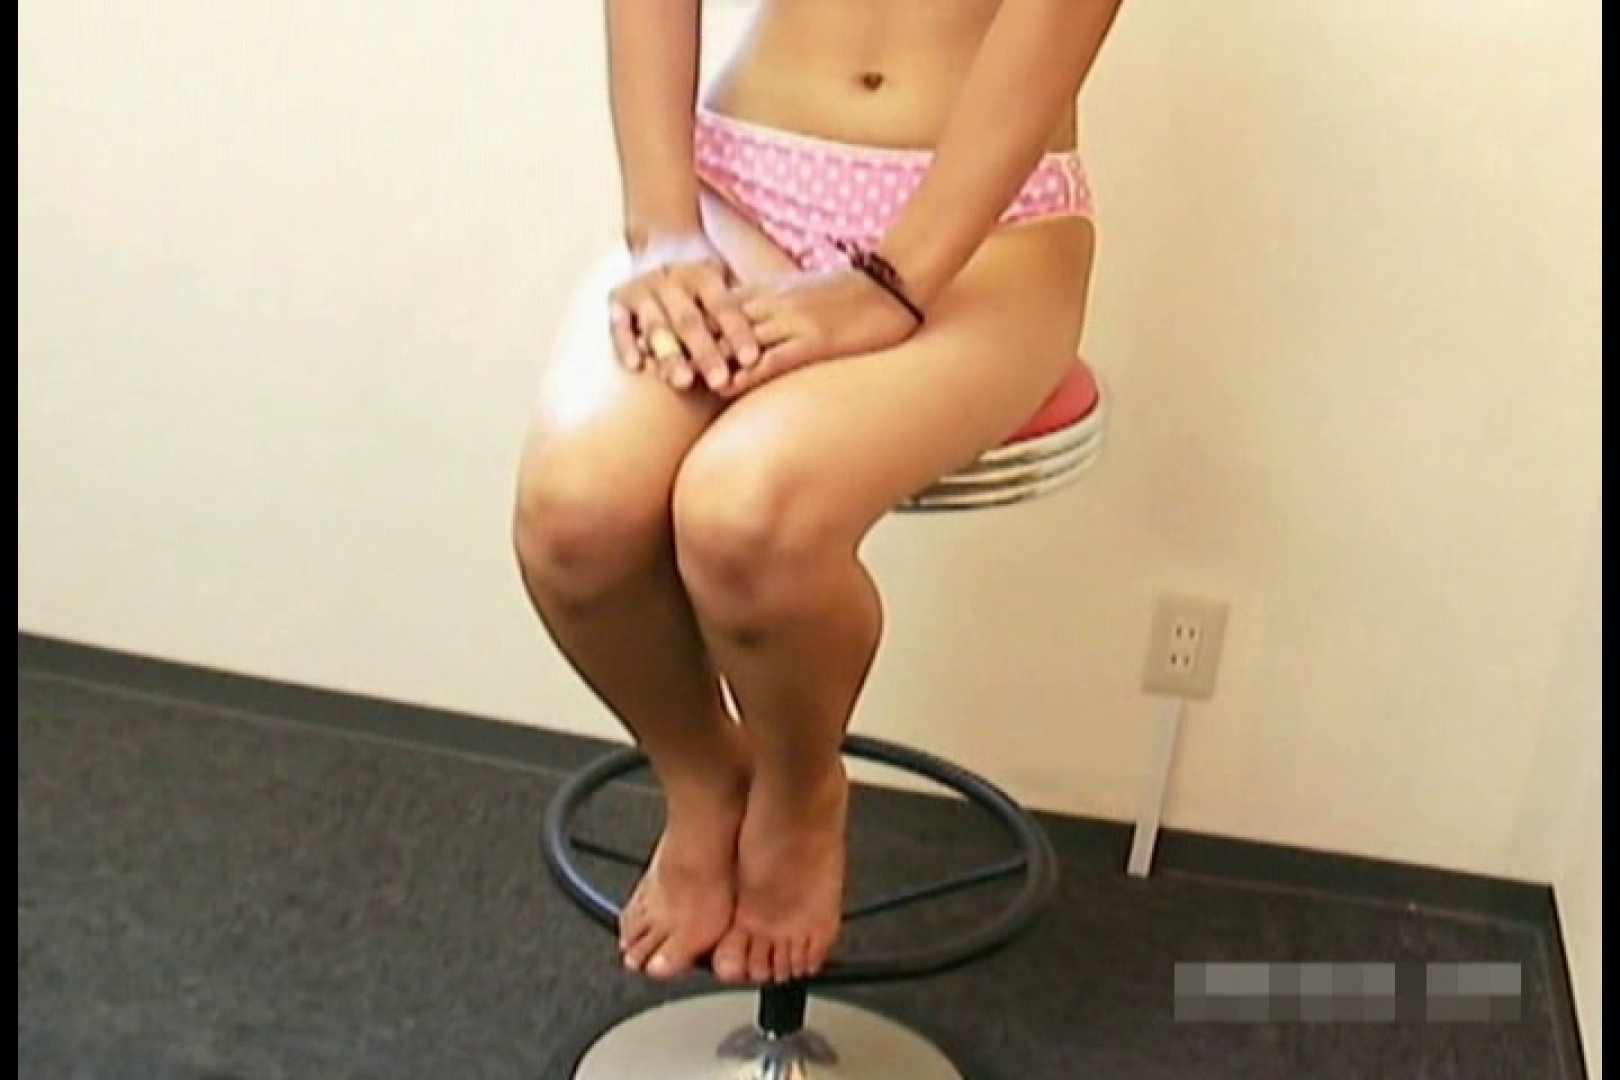 素人撮影 下着だけの撮影のはずが・・・エミちゃん18歳 特撮オマンコ | 水着娘  105連発 25